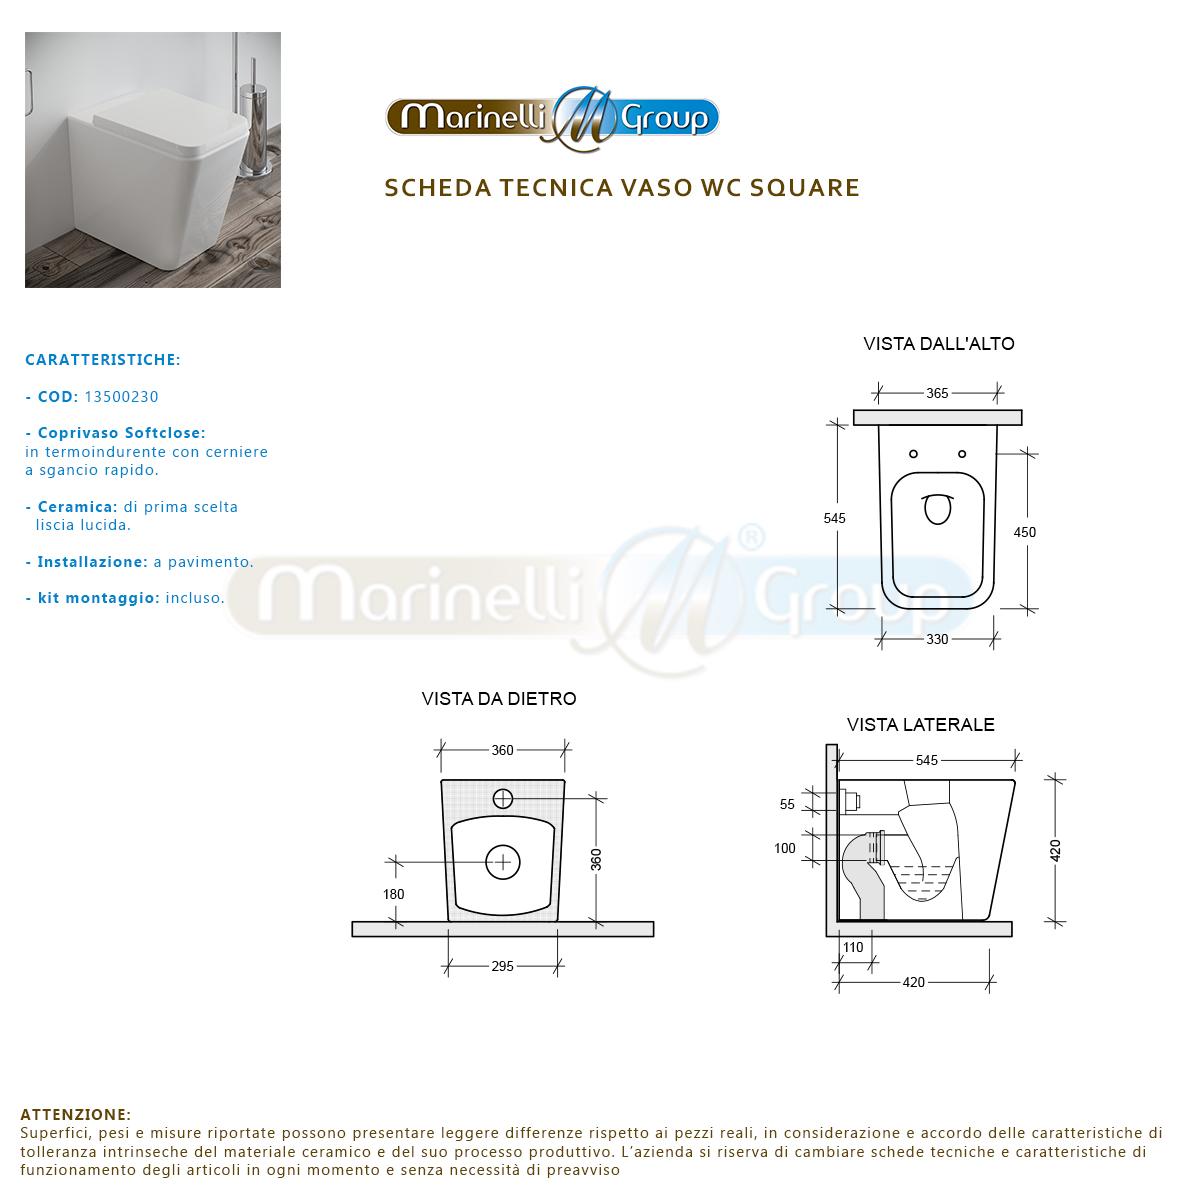 Bidet E Vaso Wc A Terra Square Filo Muro In Ceramica Con Sedile Softclose